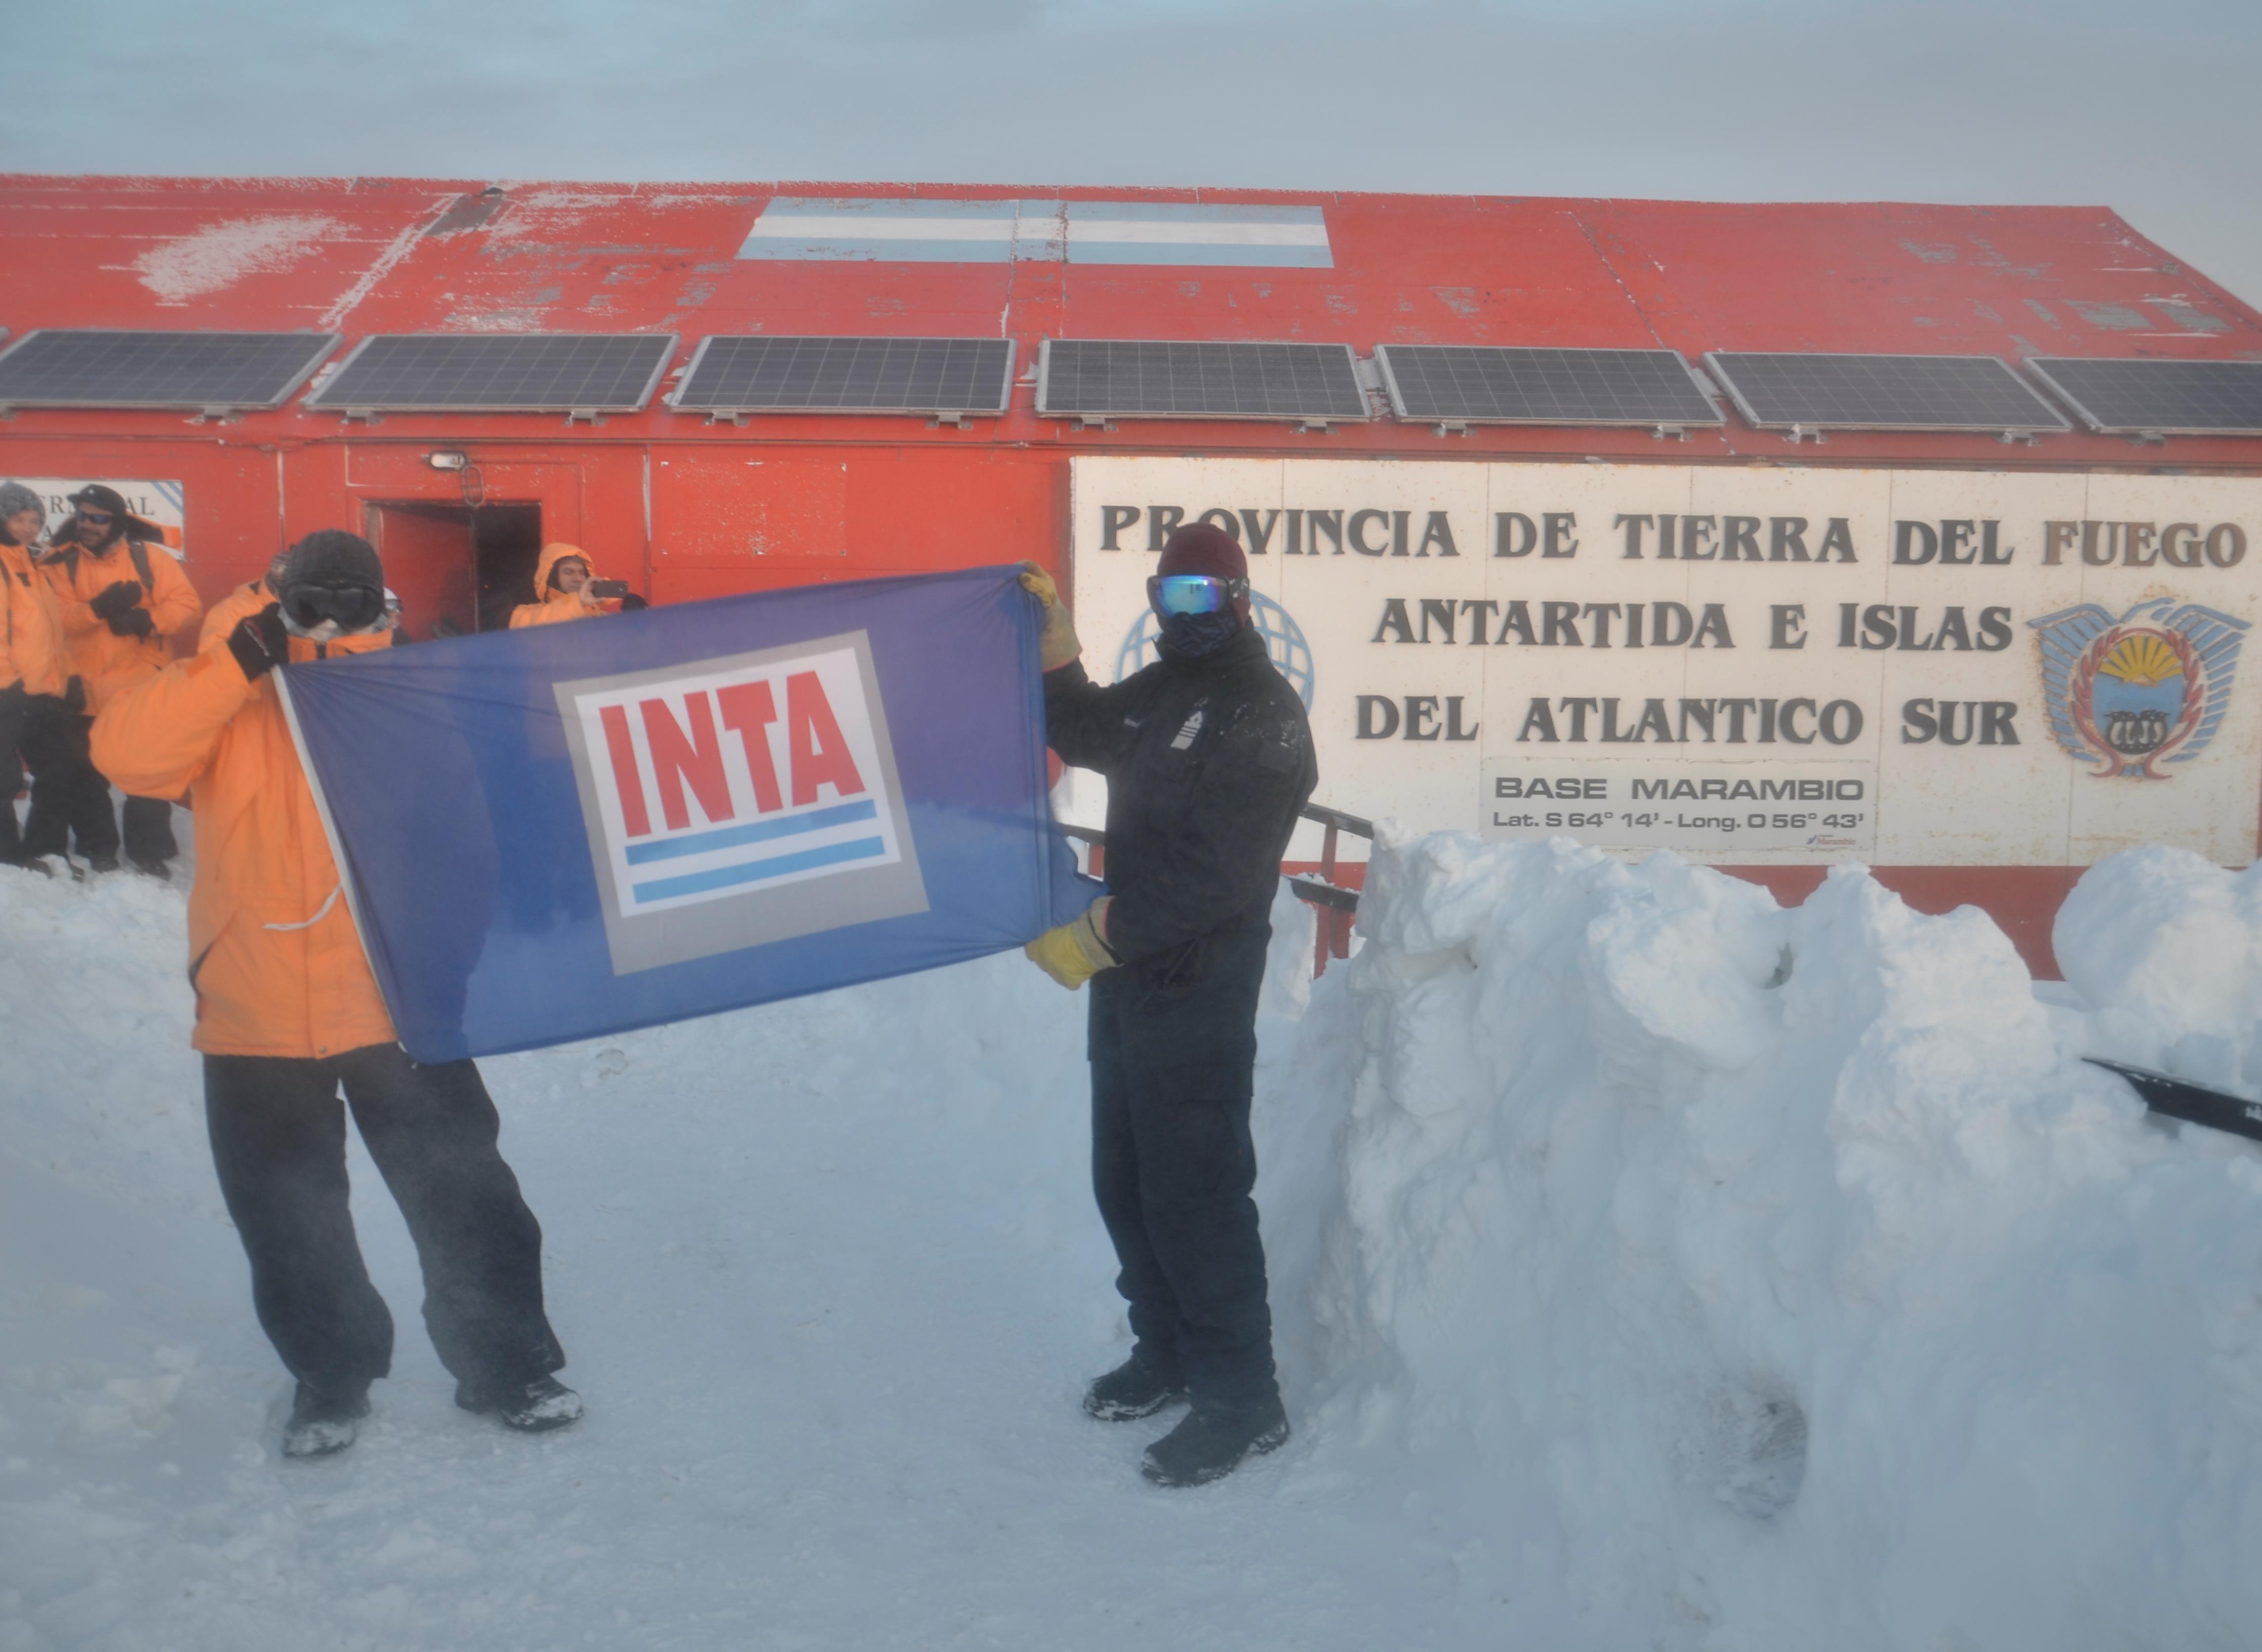 El INTA instala un sistema hidropónico en la Antártida